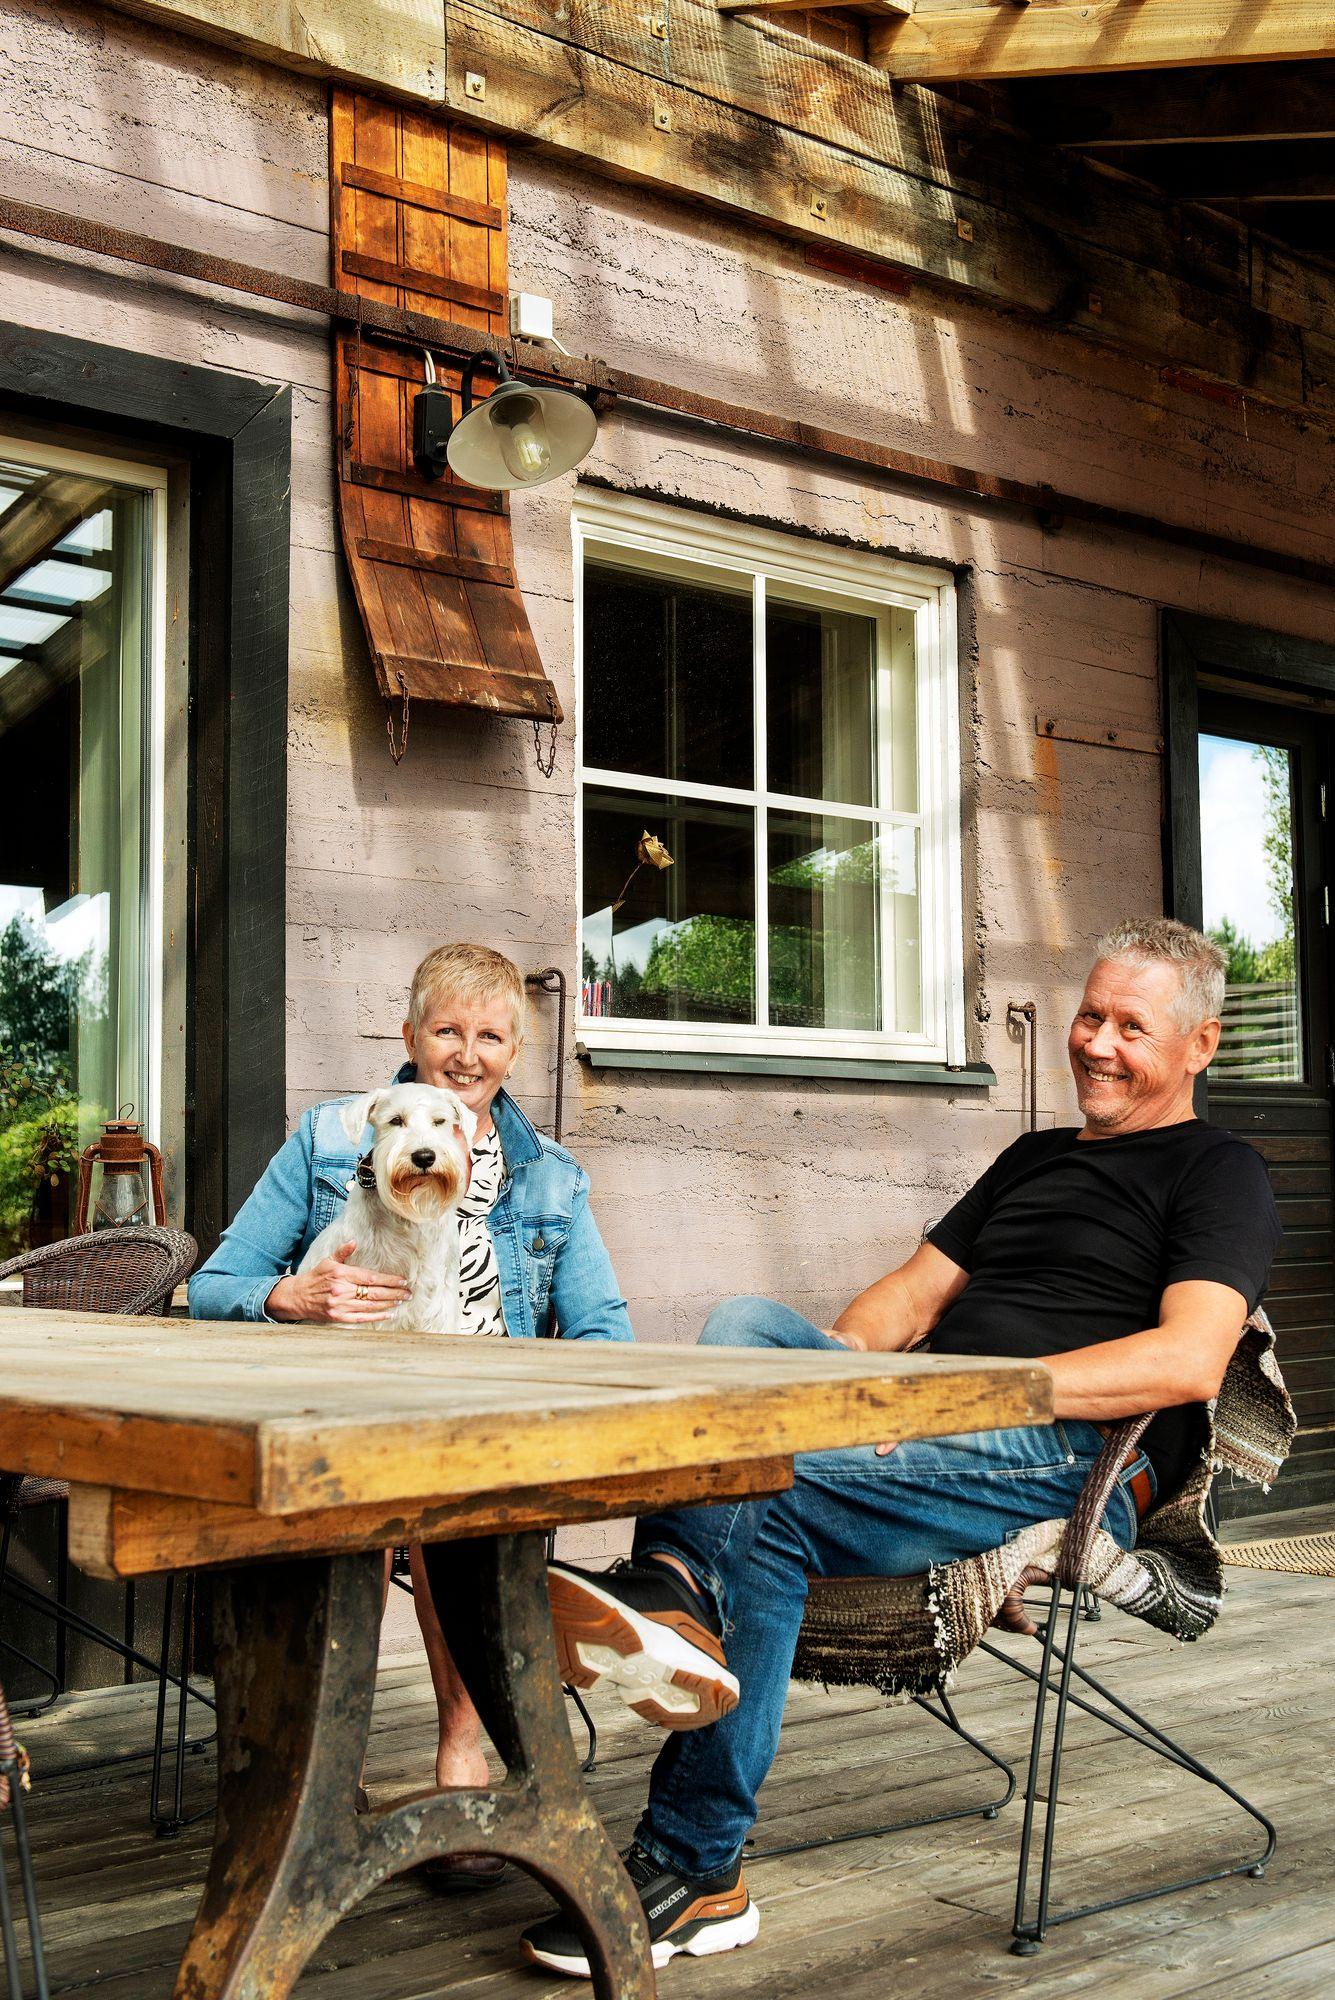 Terhi Kunelius ja Timo Peri nauttivat kesäpäivistä kotinsa terassilla. Ulkopöytä on vanhan mankelin taso. Timon ukki sai konepajan jalan istumaan runkoon just eikä melkein. © Linda Varoma